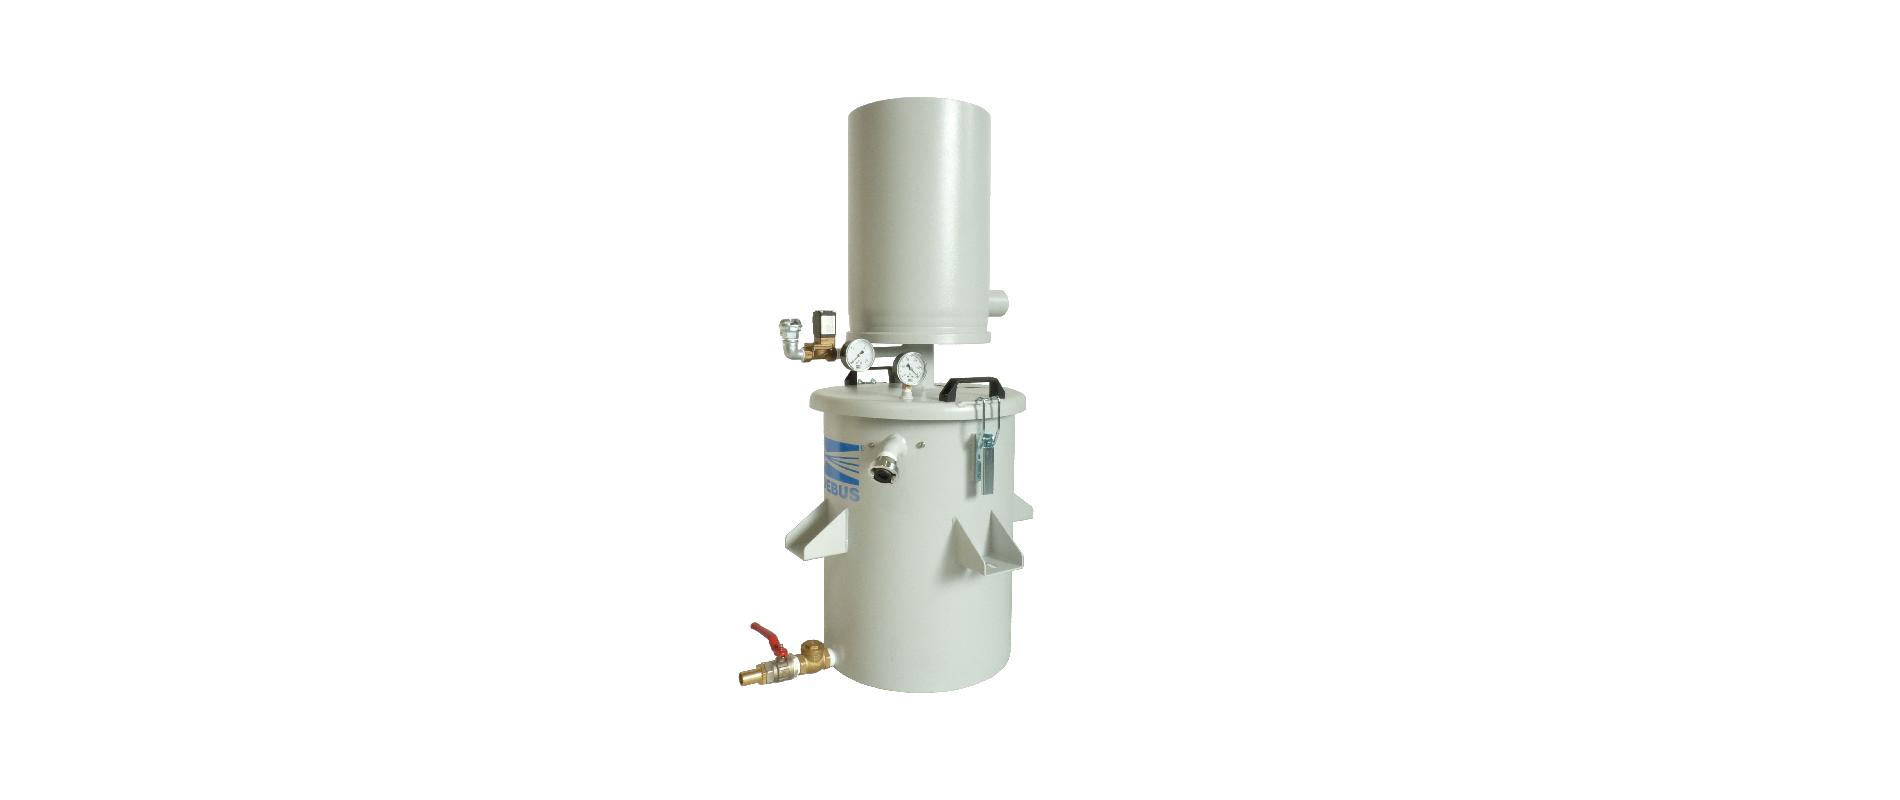 Druckluftsauger DDS 100-5-23